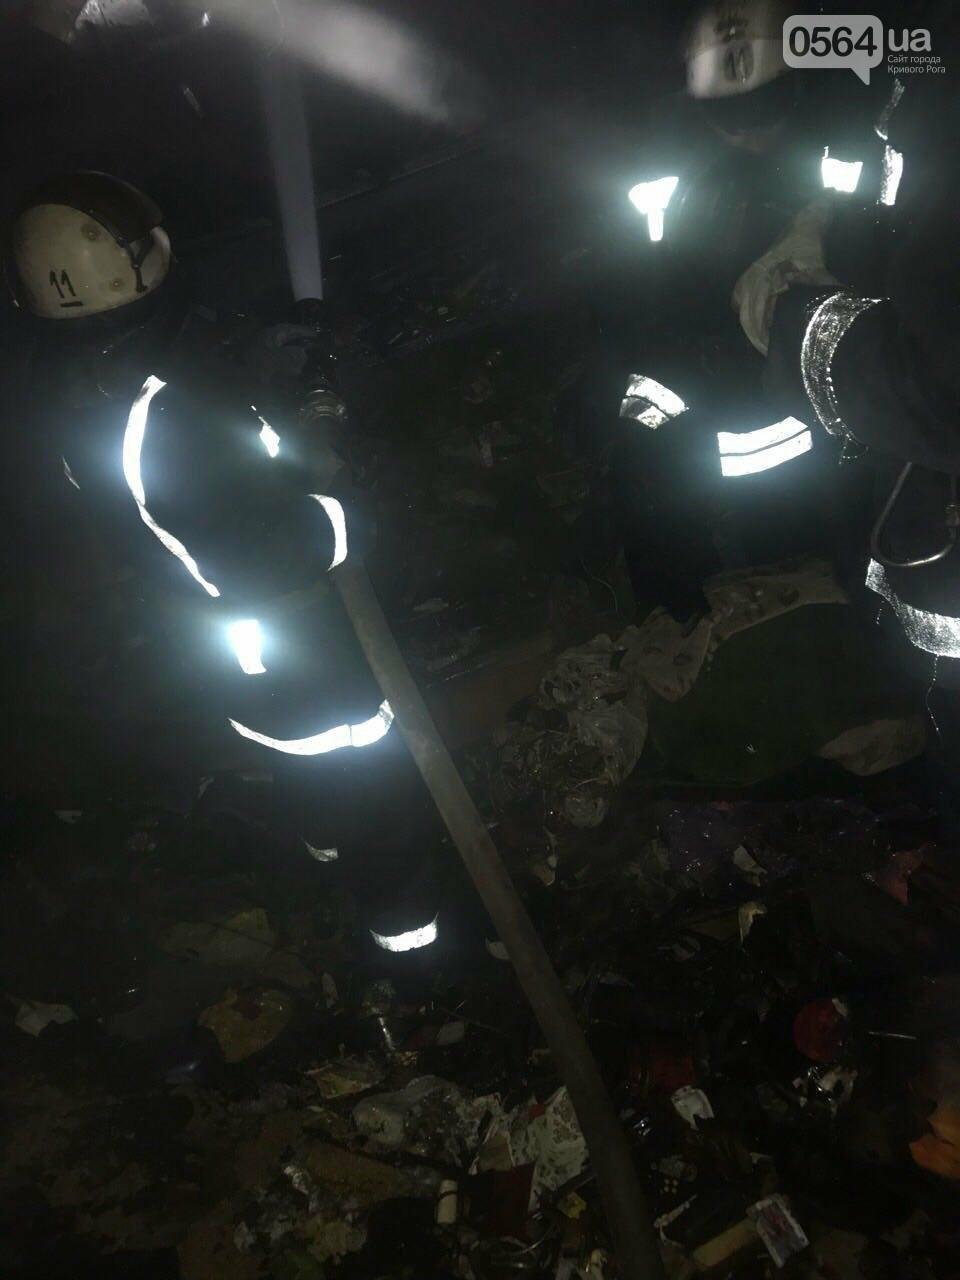 В Кривом Роге сгорел скутер, хранившийся в сарае (ФОТО), фото-2